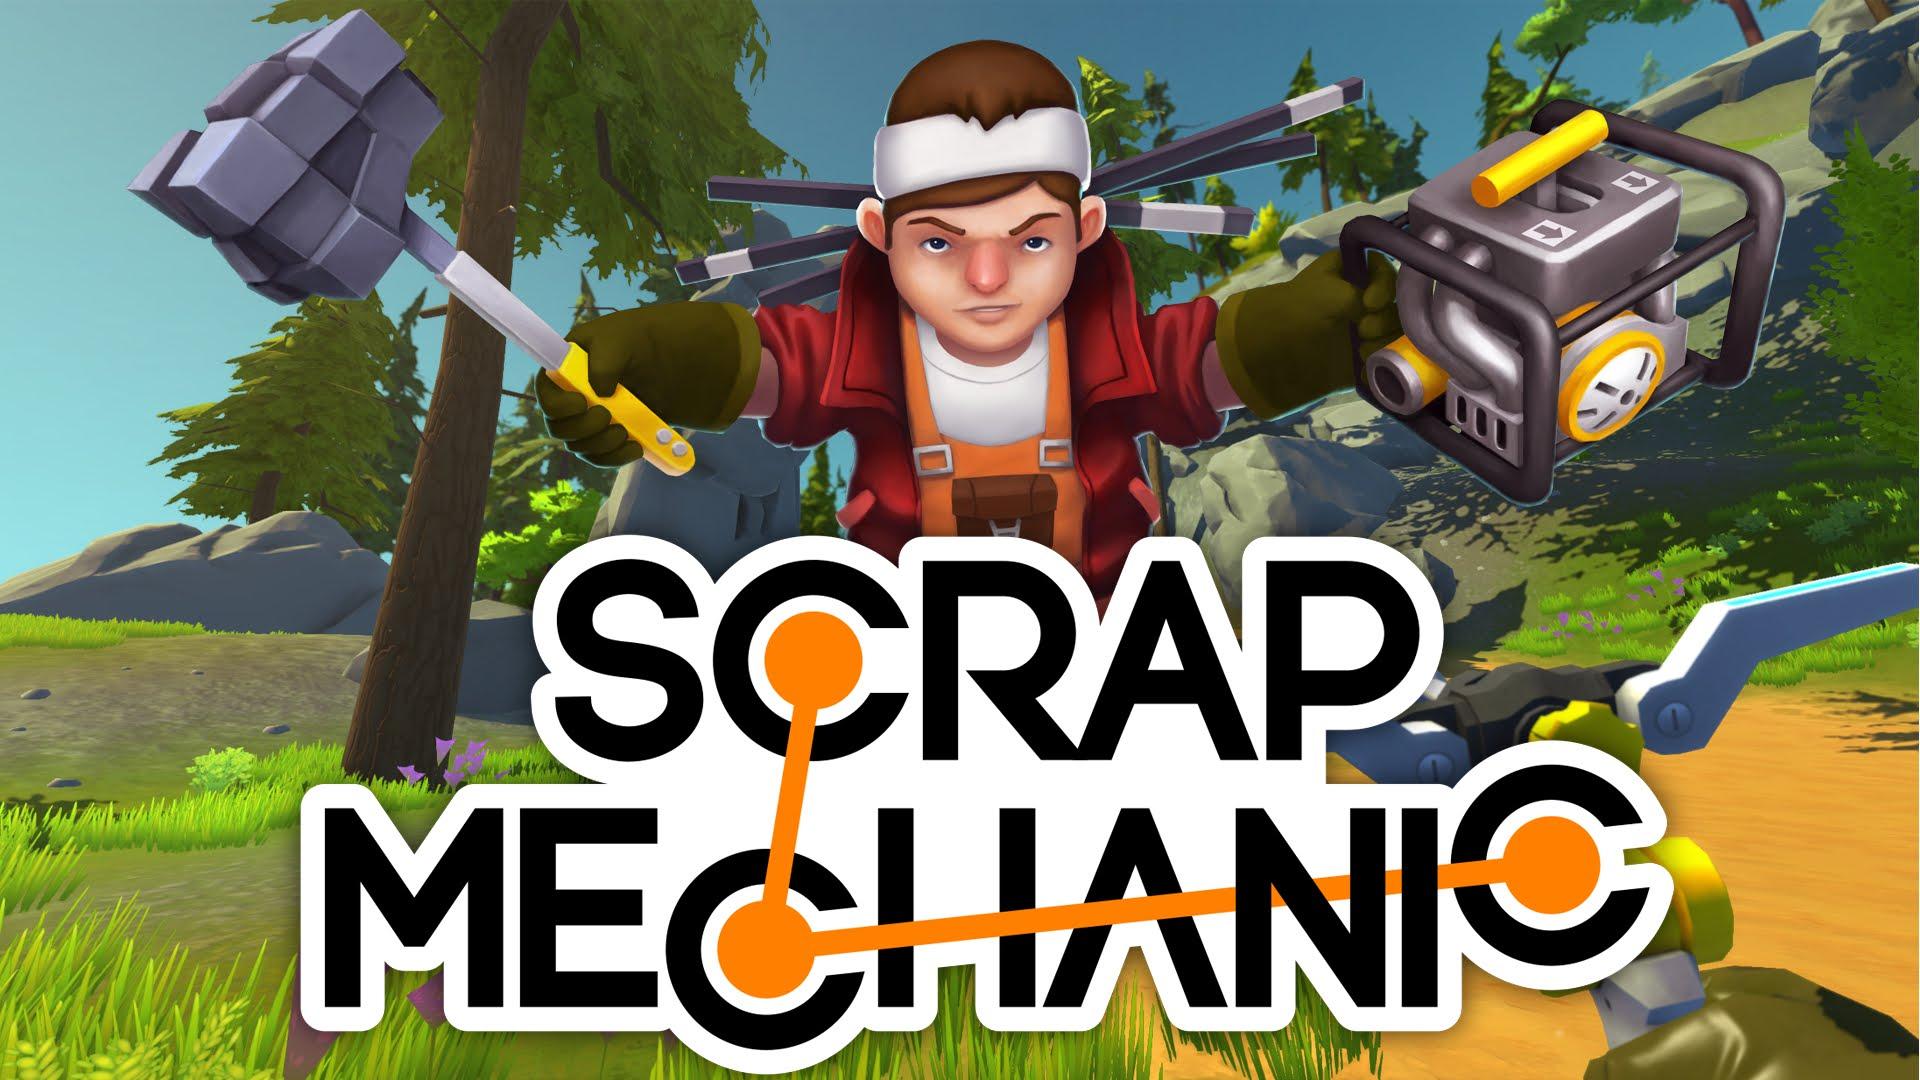 Scrap mechanic v0. 2. 14 [steam early access] торрент, скачать игру.